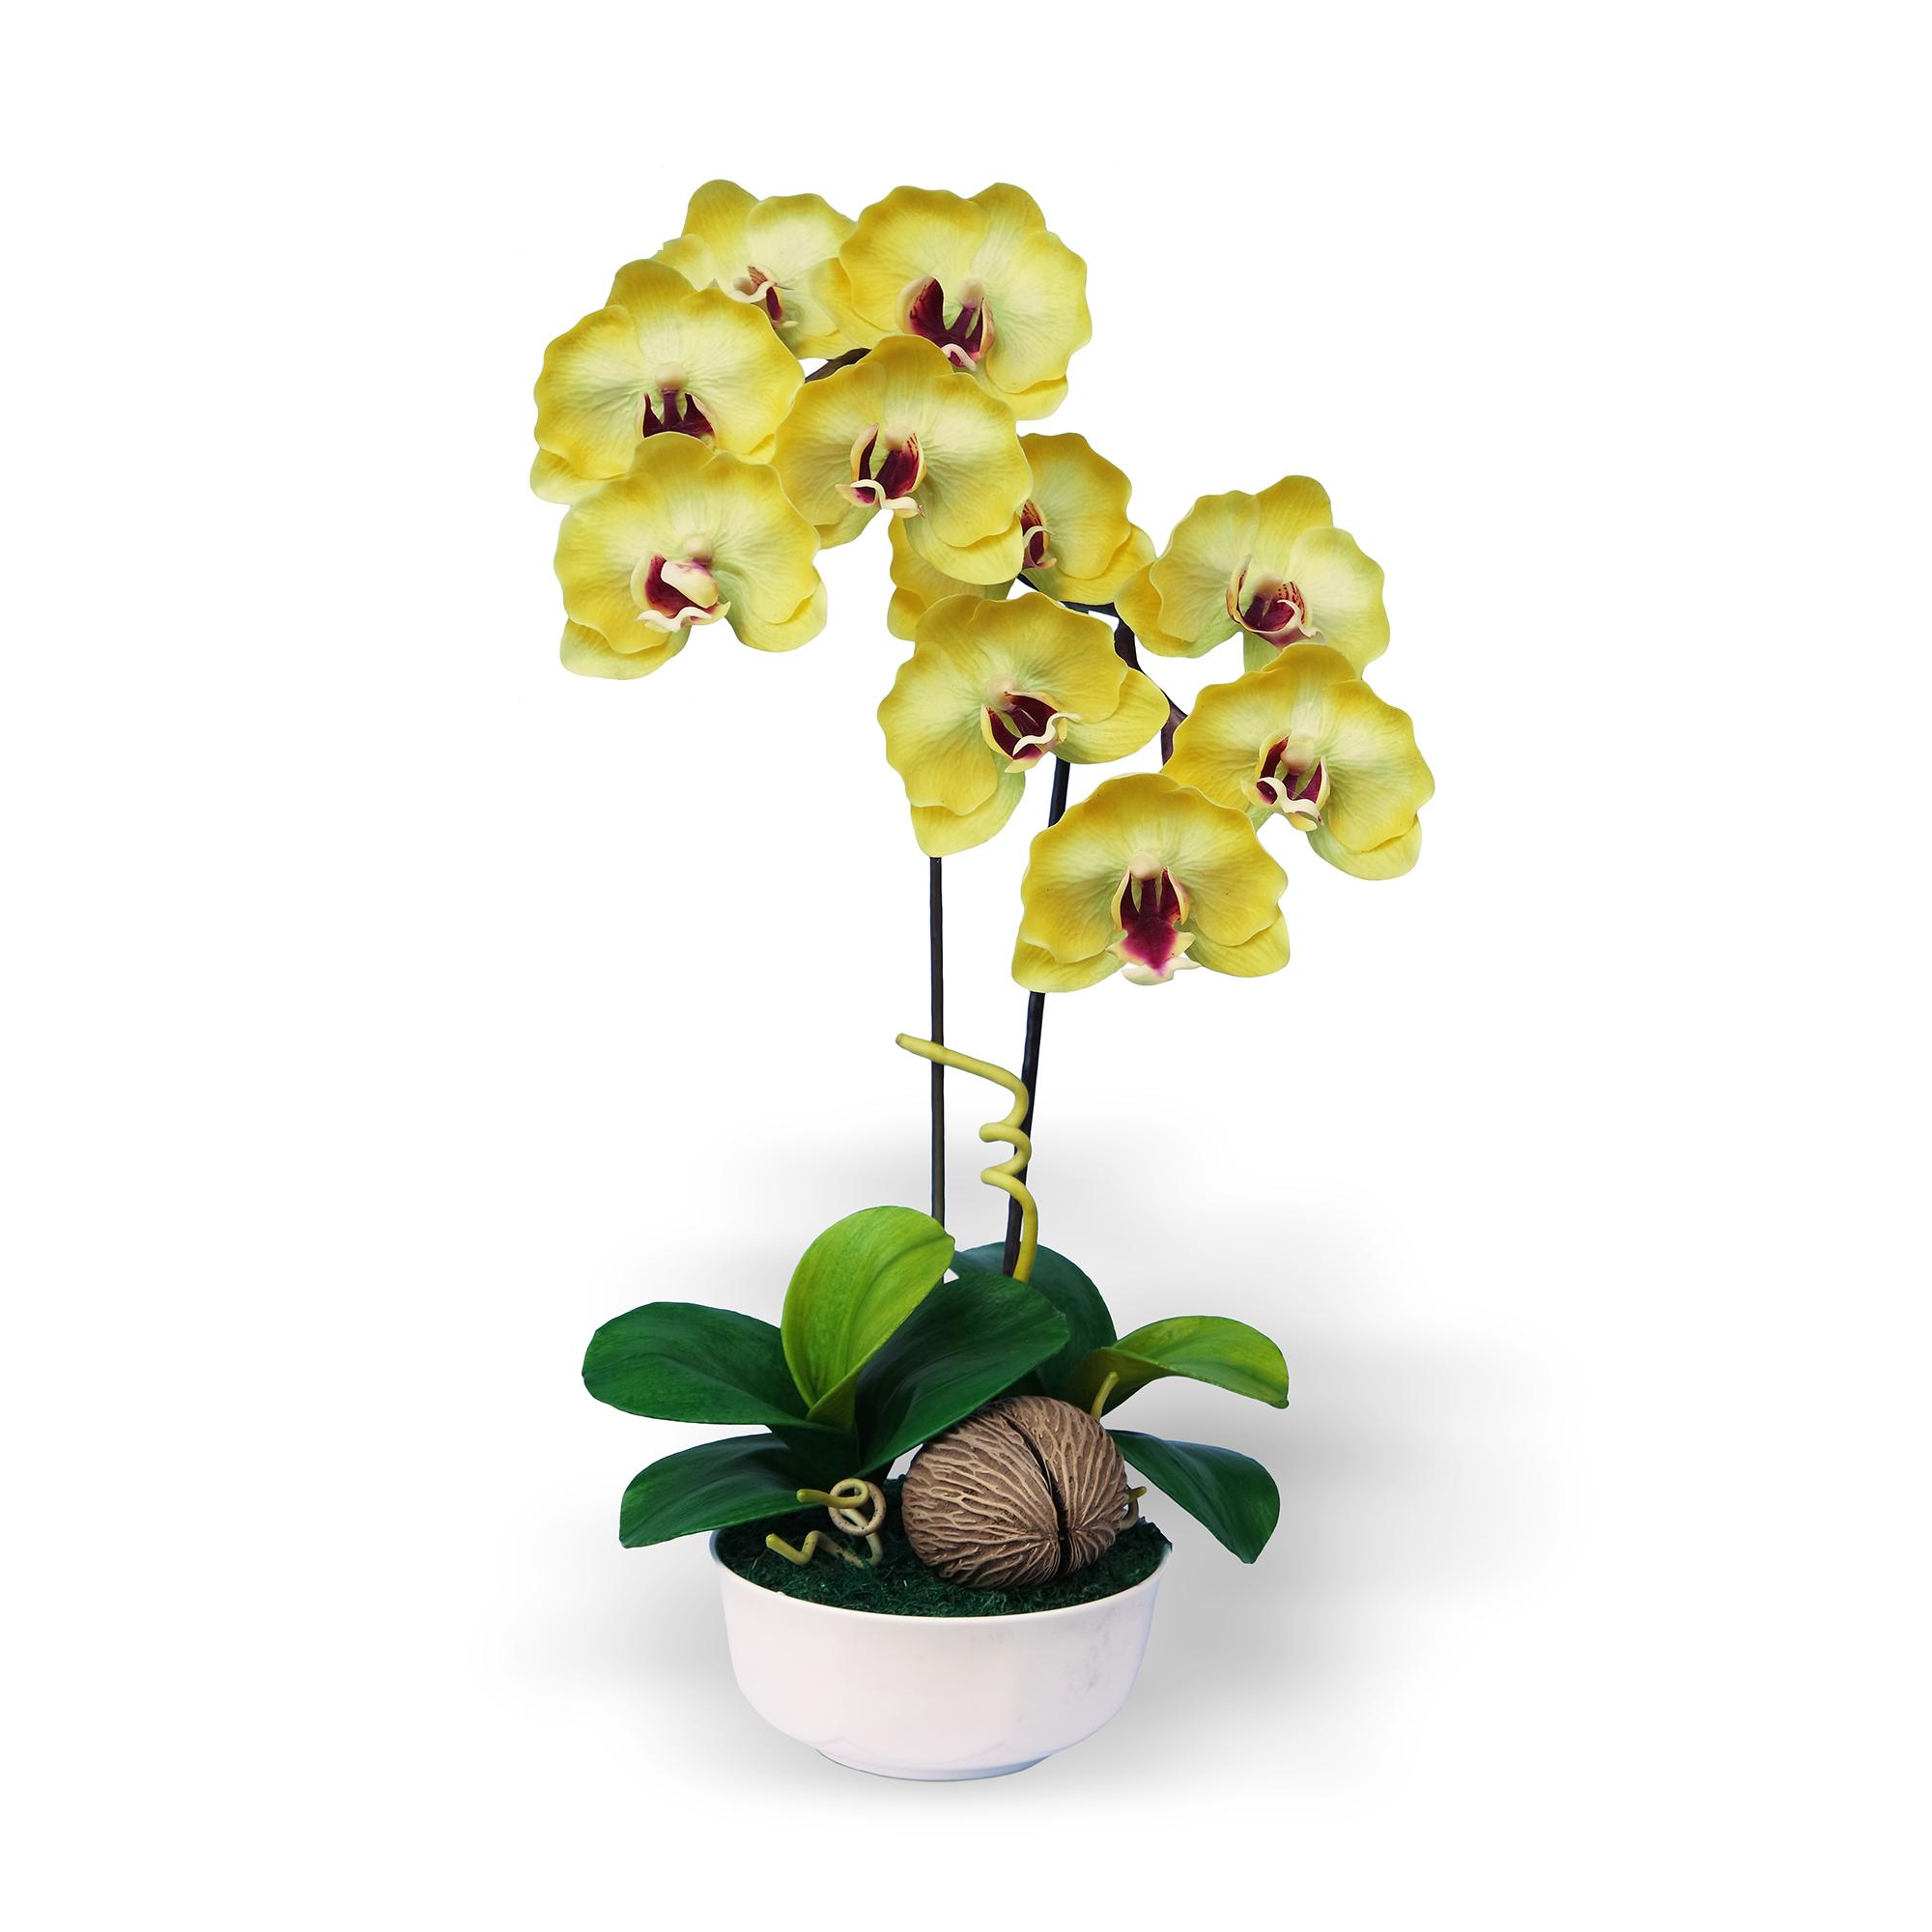 แจกันดอกไม้ประดิษฐ์ ฟาแลนนอฟซิส Phalaenopsis สีเหลือง ในแจกันเซรามิค จากโรงงานผู้ผลิตโดยตรง